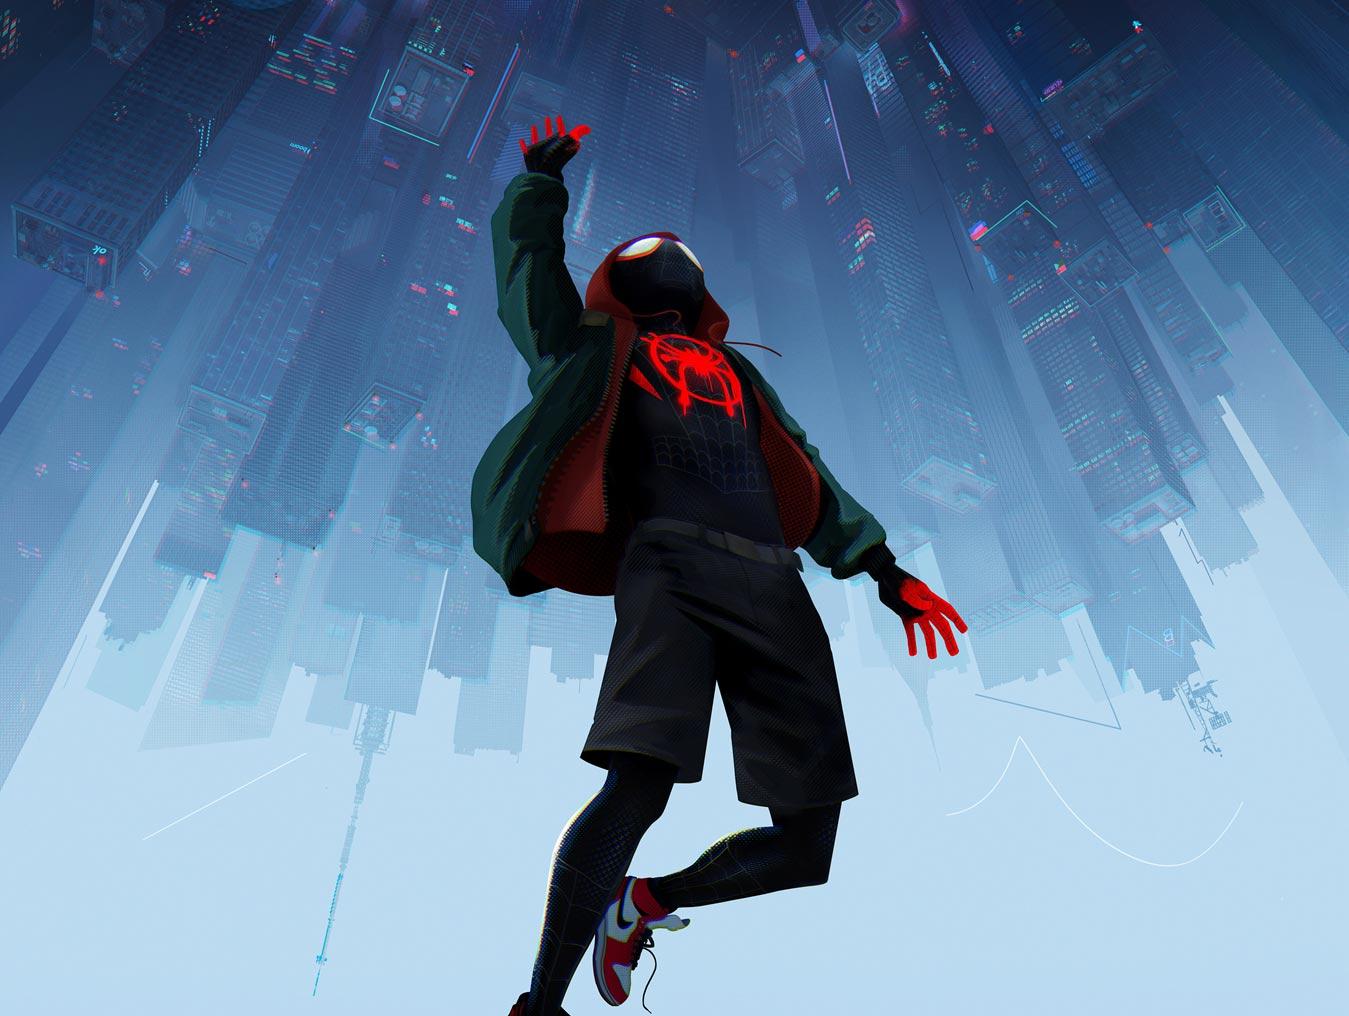 《蜘蛛侠:新纪元》预告曝光 三位蜘蛛侠首度银幕同框